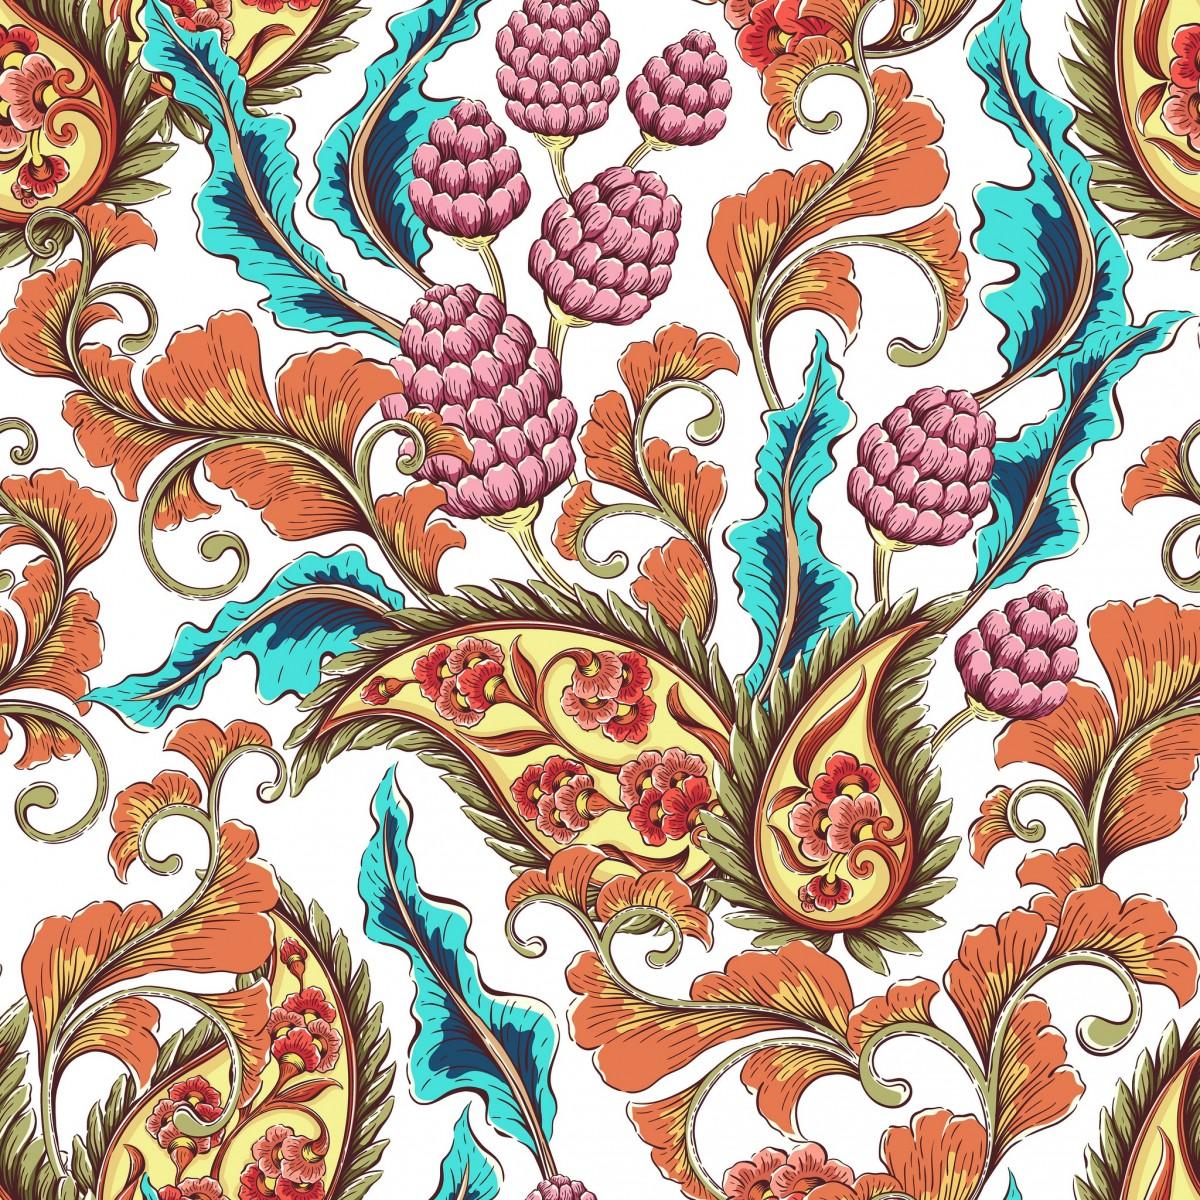 O quebra-cabeça Recolher o quebra-cabeças on-line - Flowers-berries